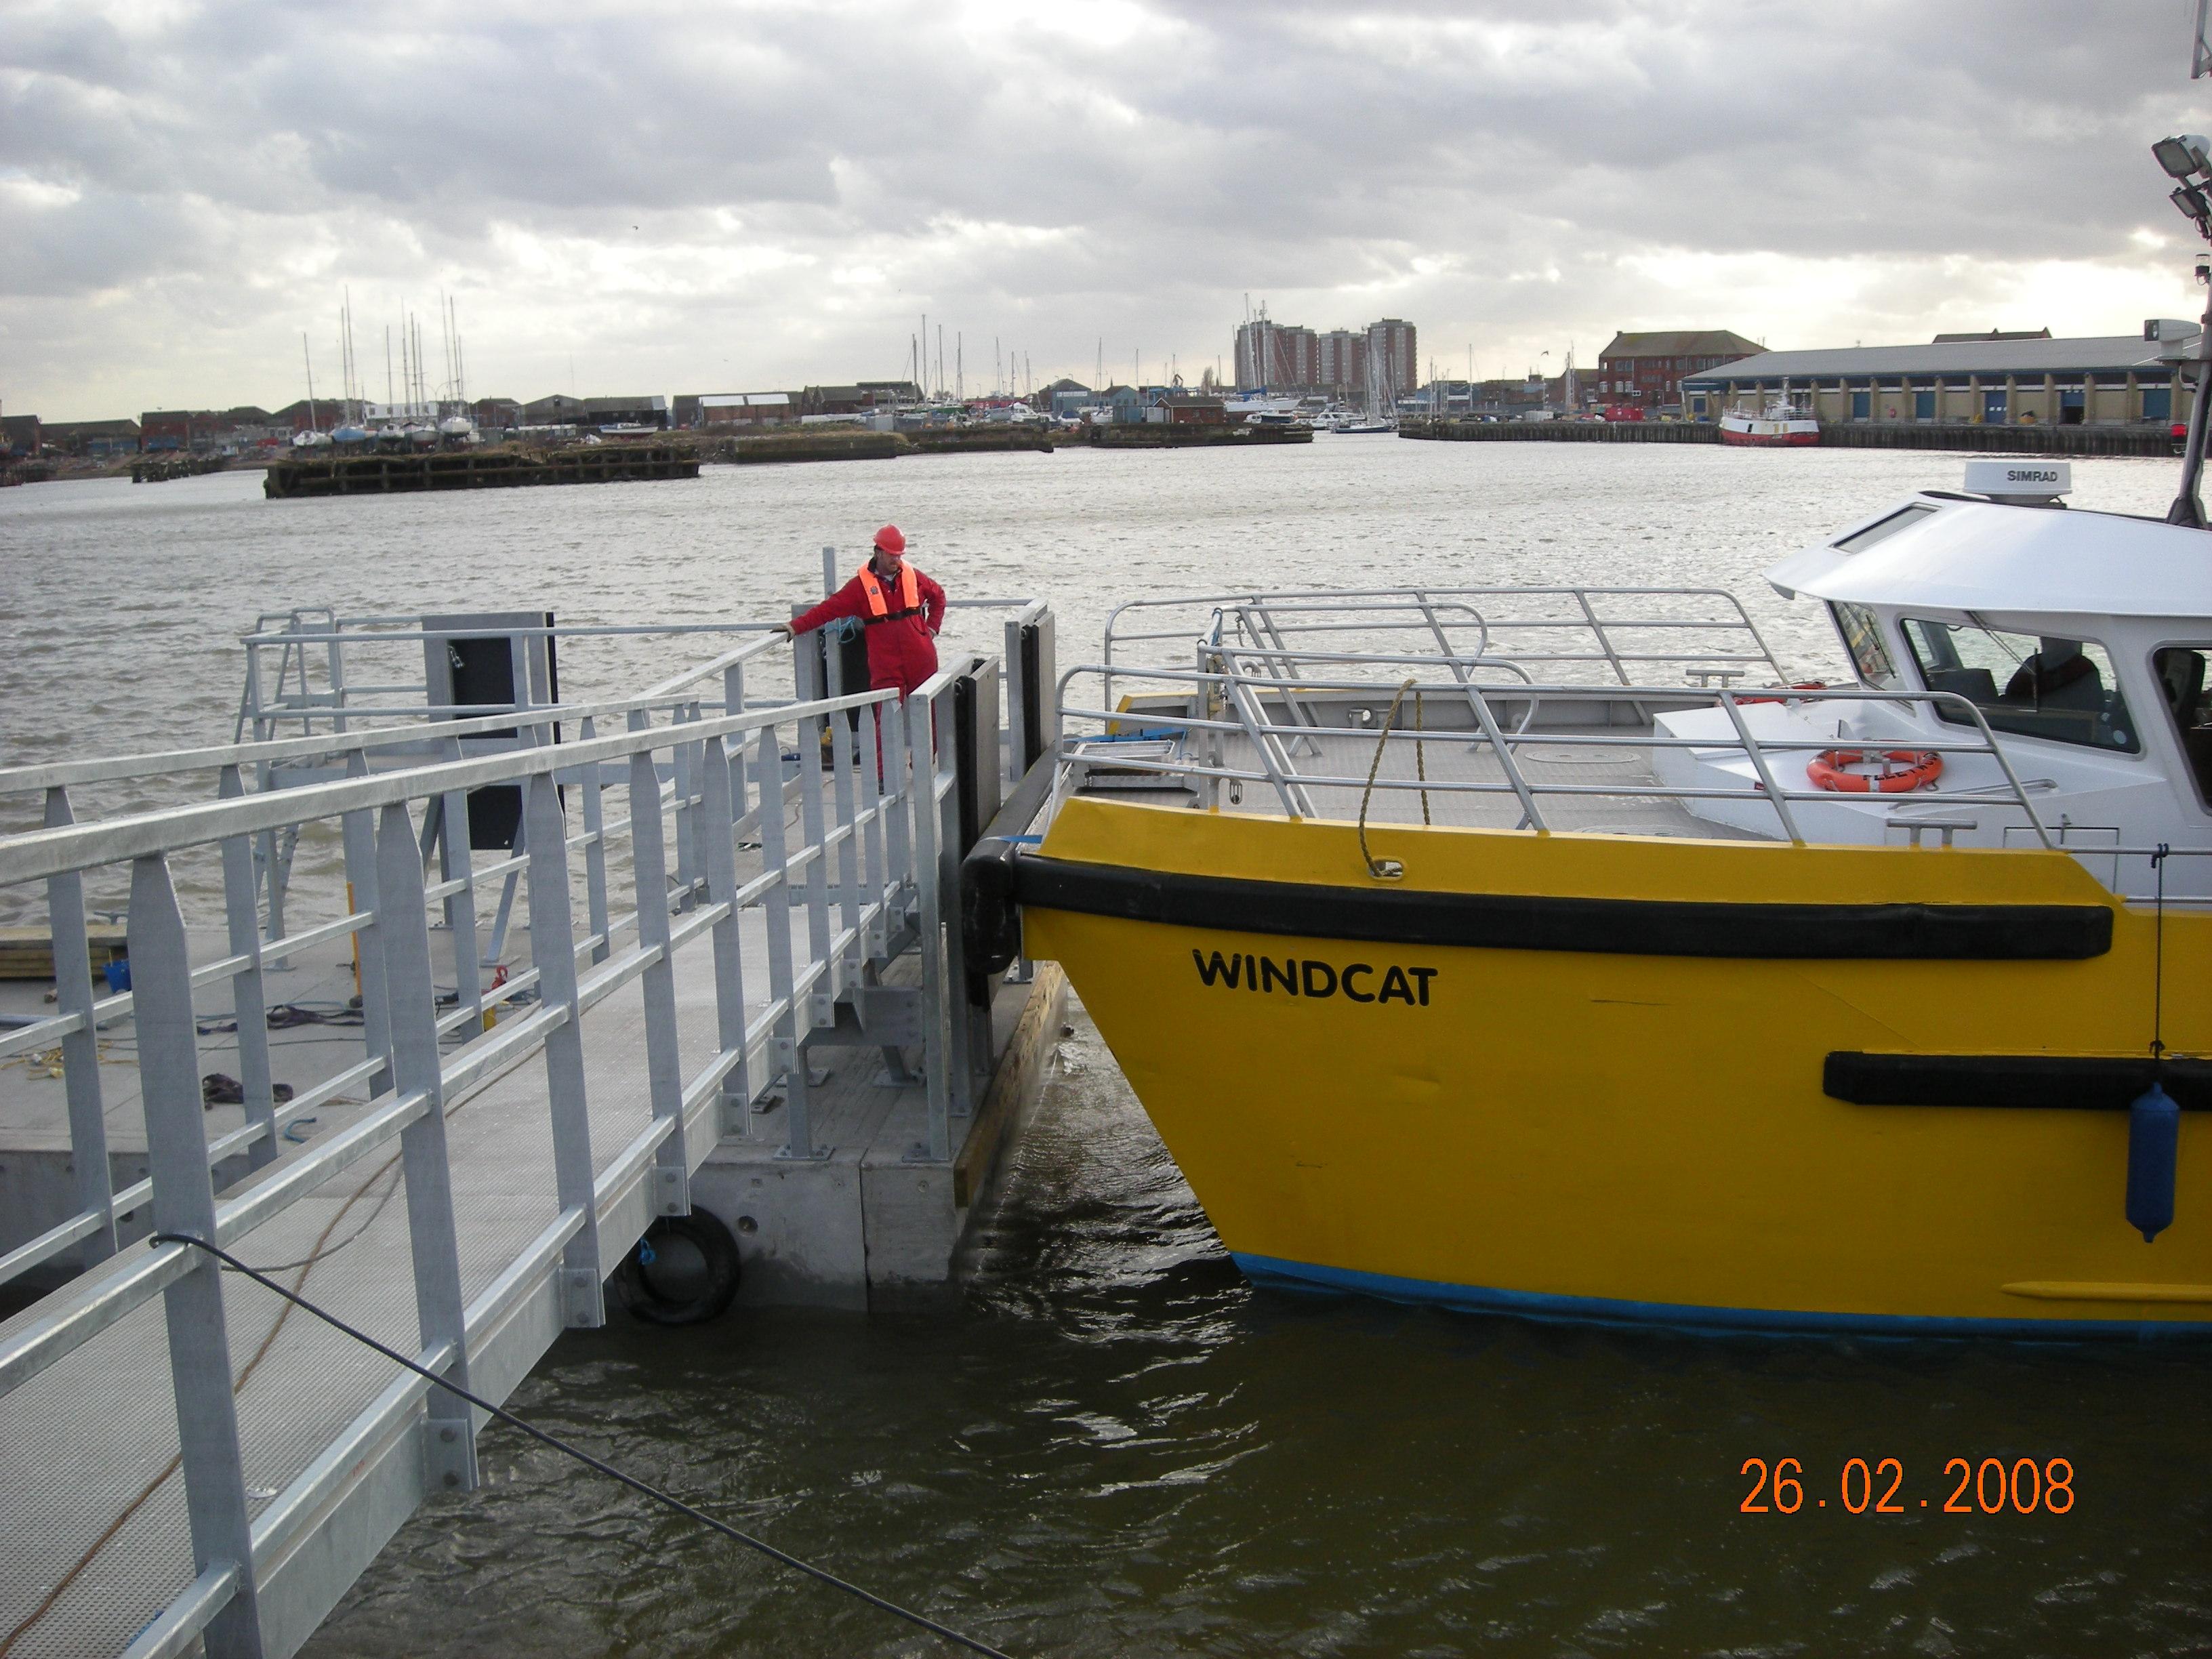 Windcat pontoon